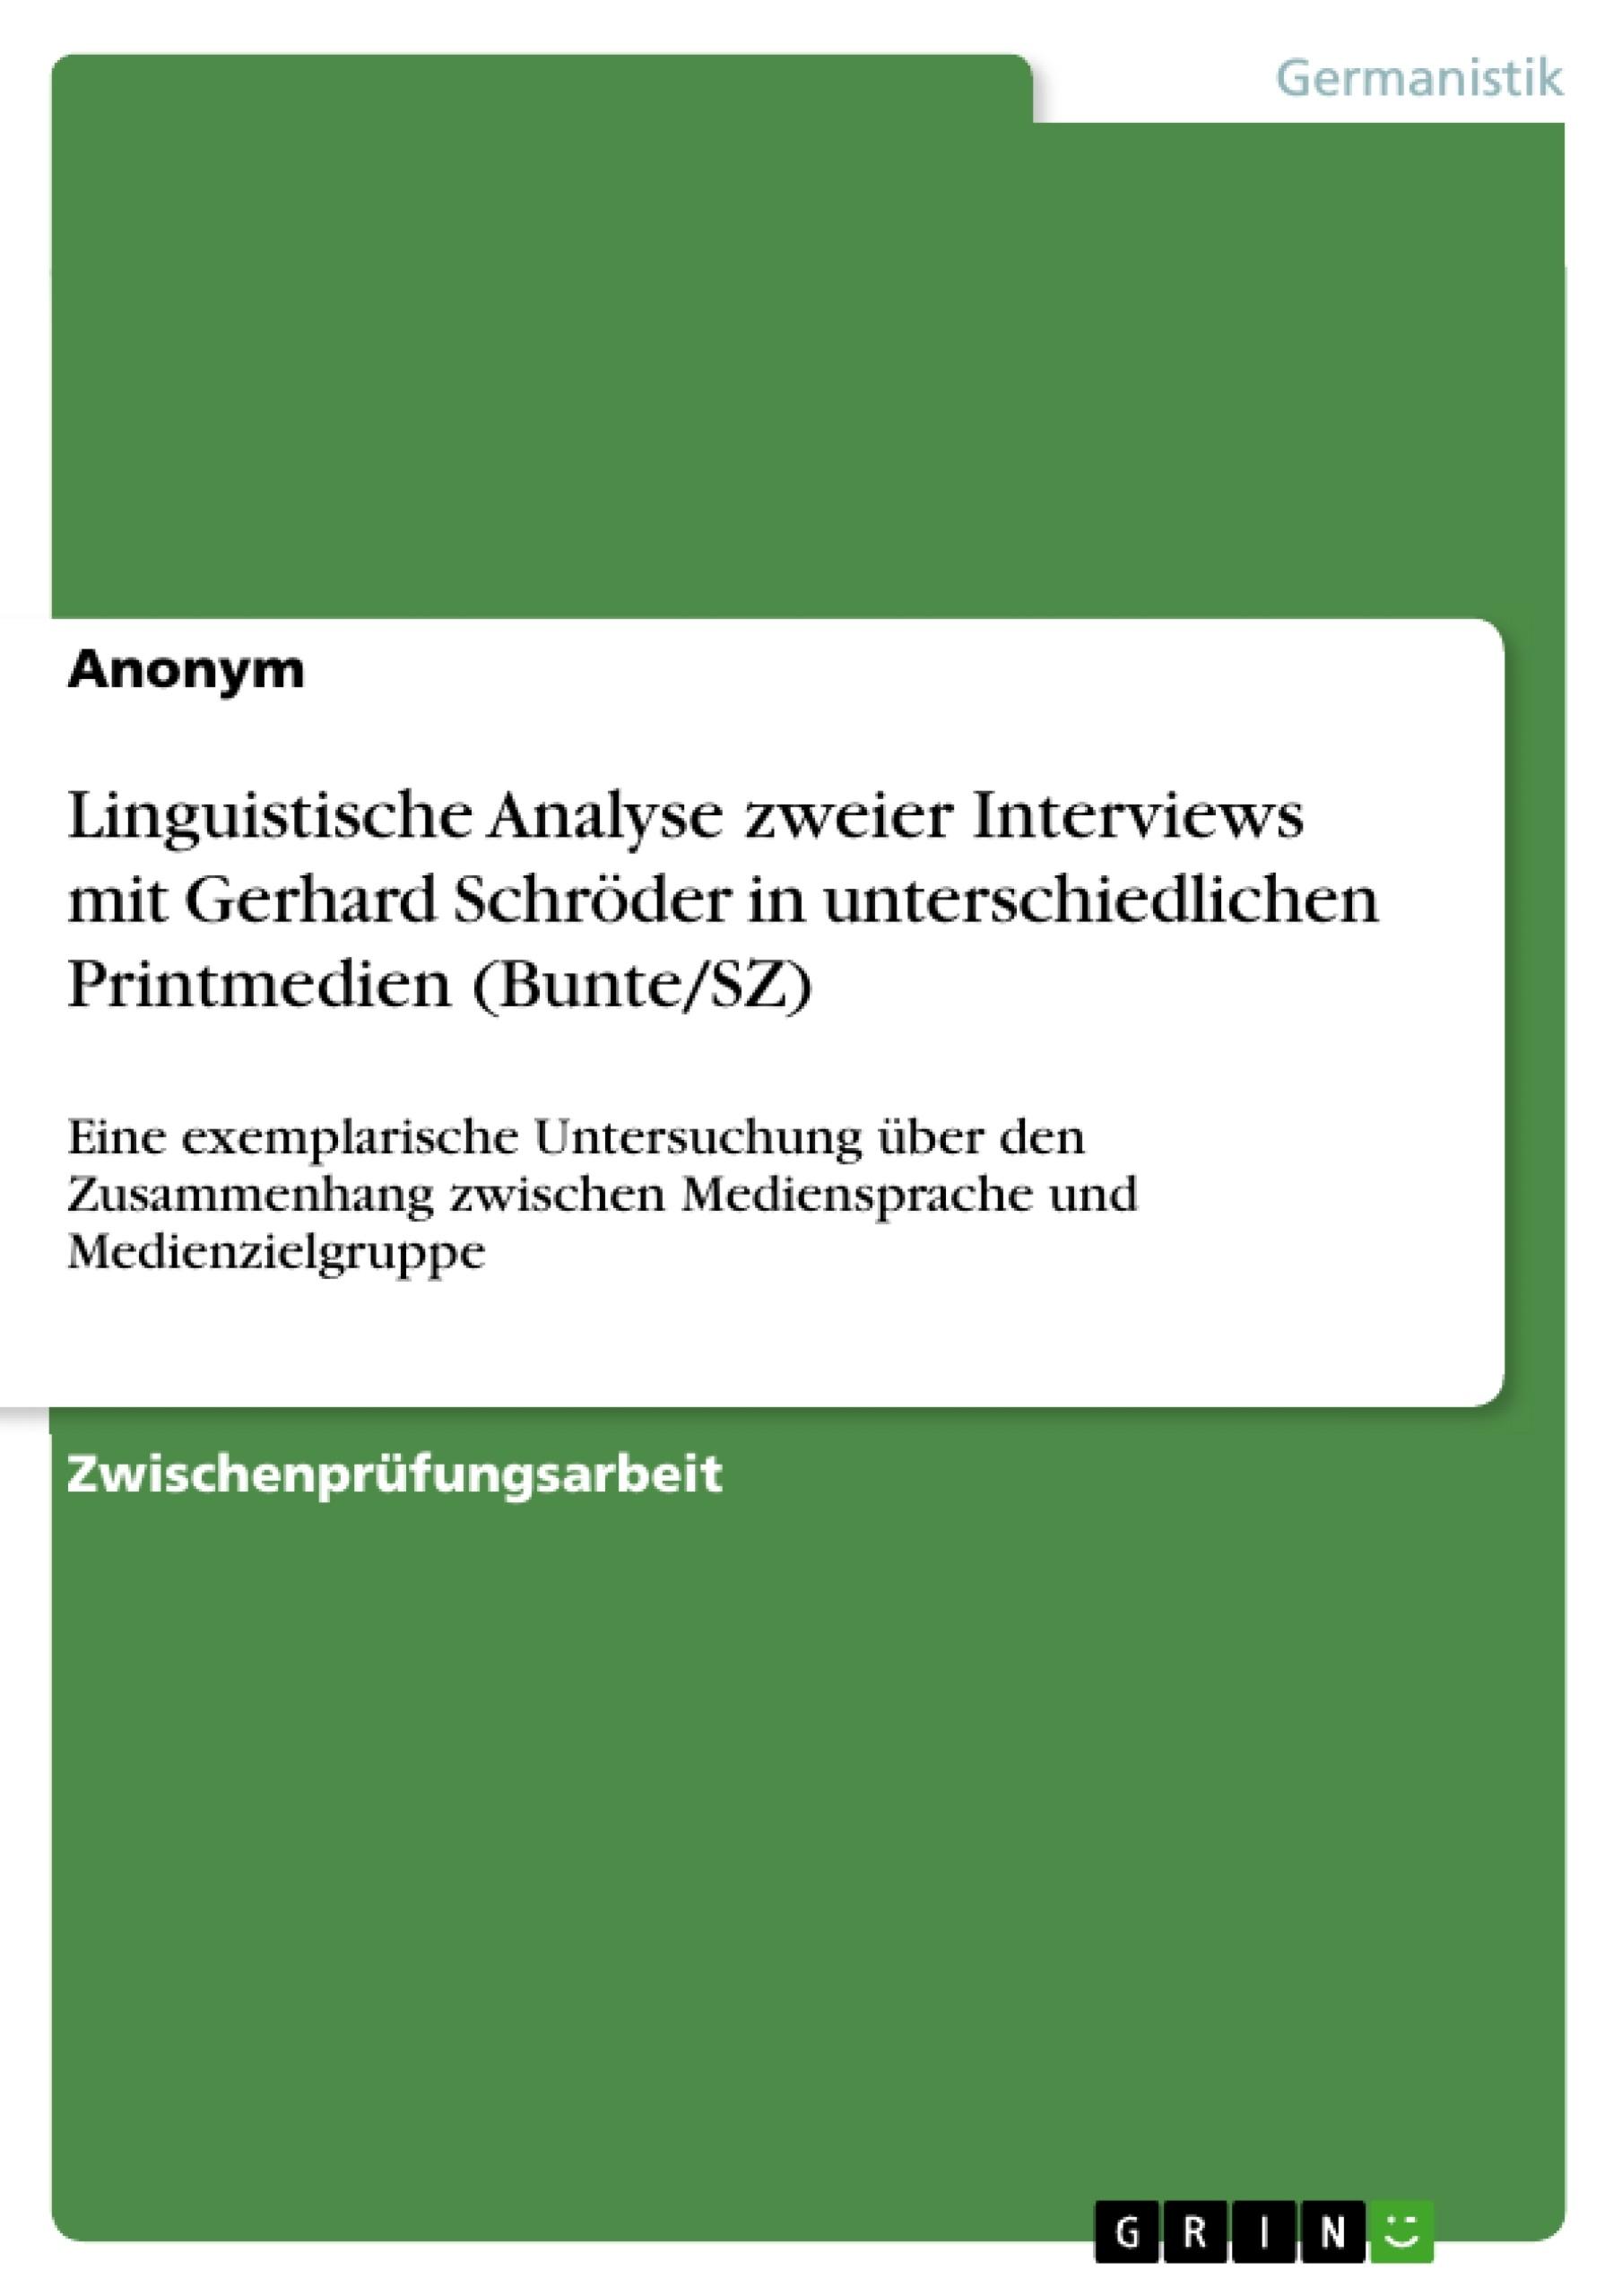 Titel: Linguistische Analyse zweier Interviews mit Gerhard Schröder in unterschiedlichen Printmedien (Bunte/SZ)